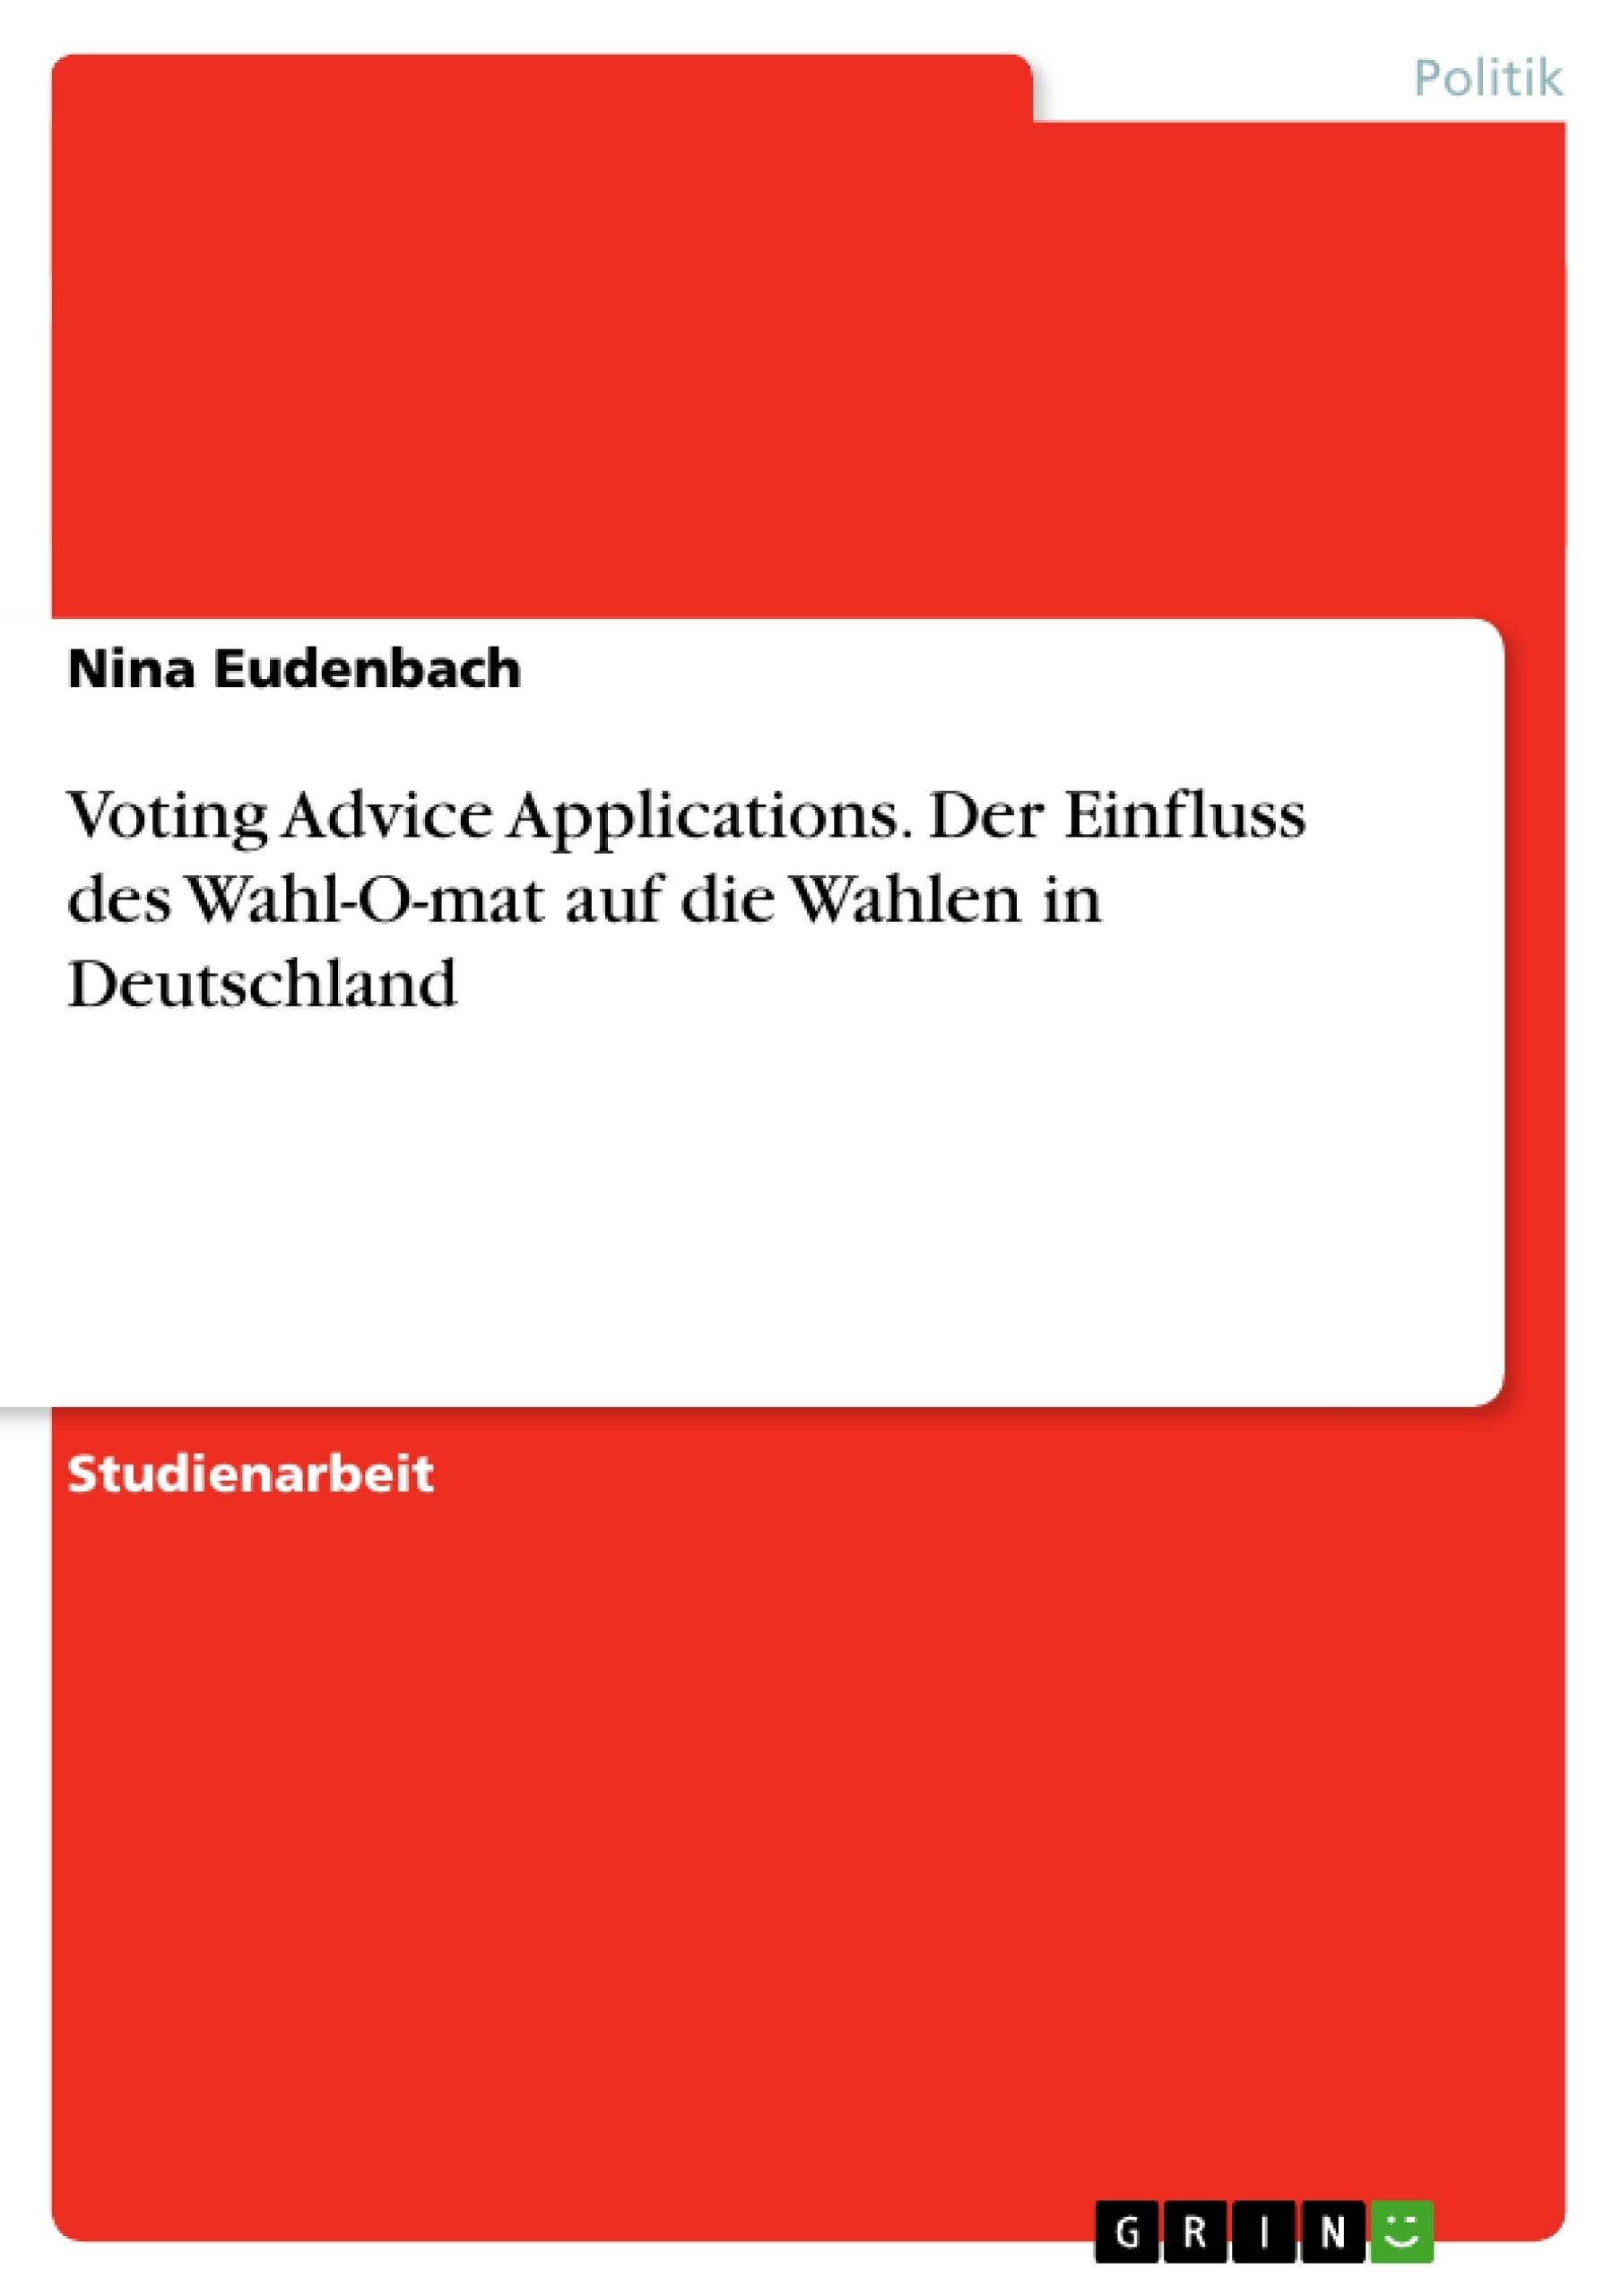 Titel: Voting Advice Applications. Der Einfluss des Wahl-O-mat auf die Wahlen in Deutschland